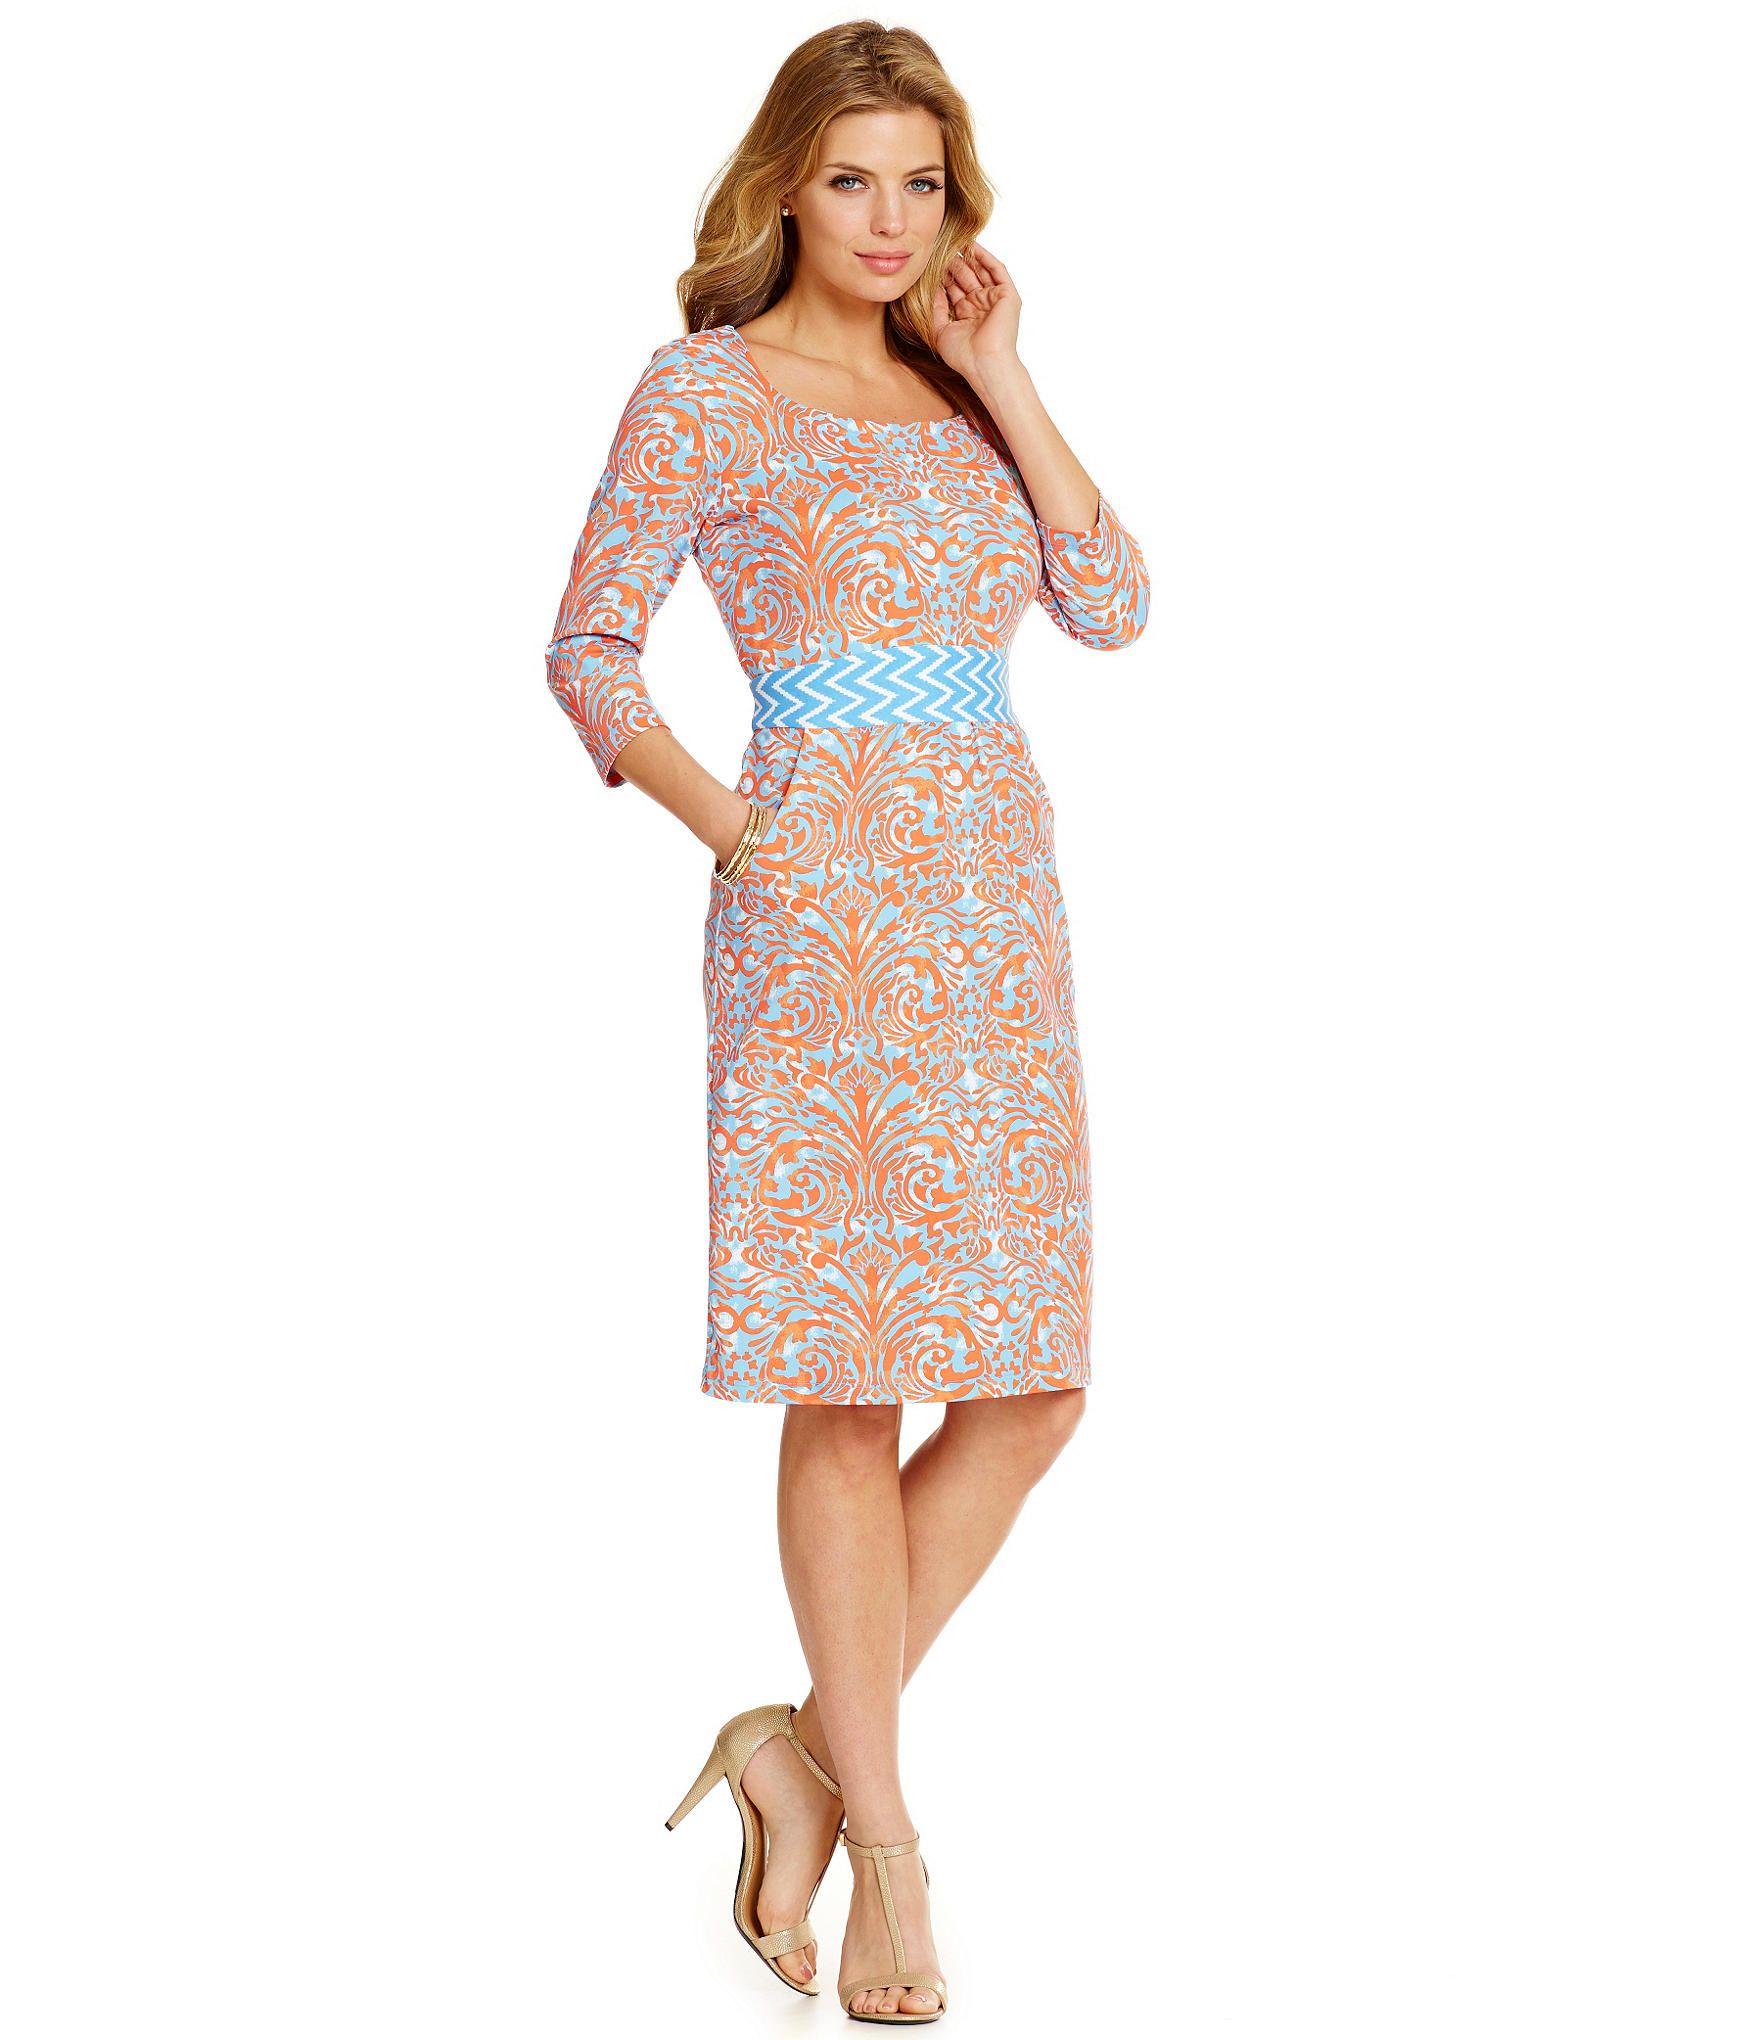 52ca9ed468e Shop for J.McLaughlin Emma Dress at Dillards.com. Visit Dillards.com to find  clothing